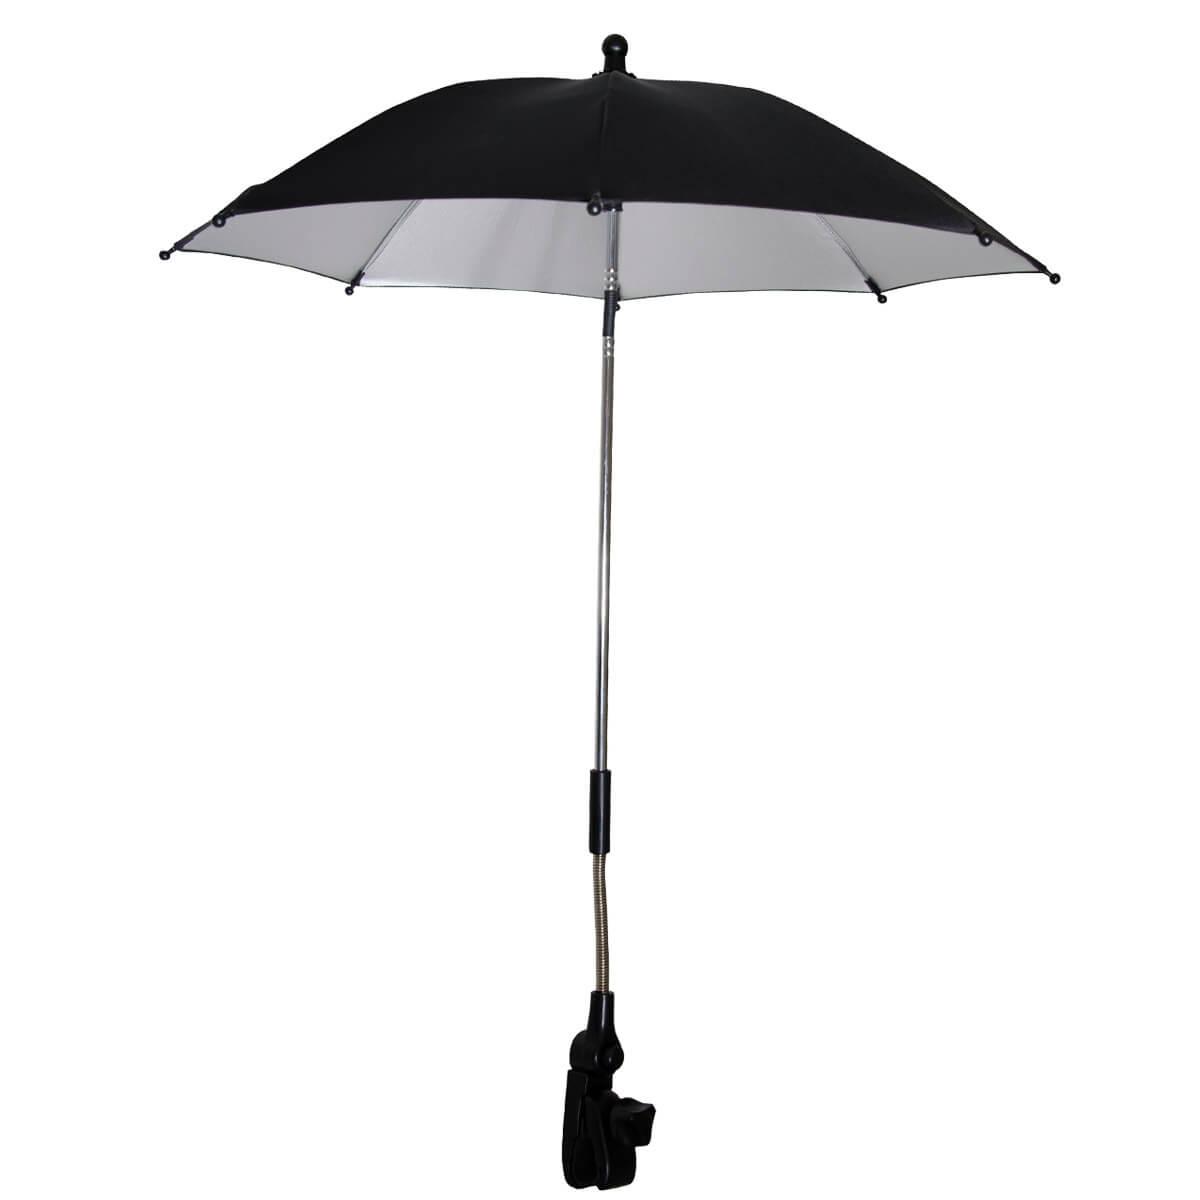 Stroller-Umbrella2 15 Unusual Umbrellas Design Trends in 2017